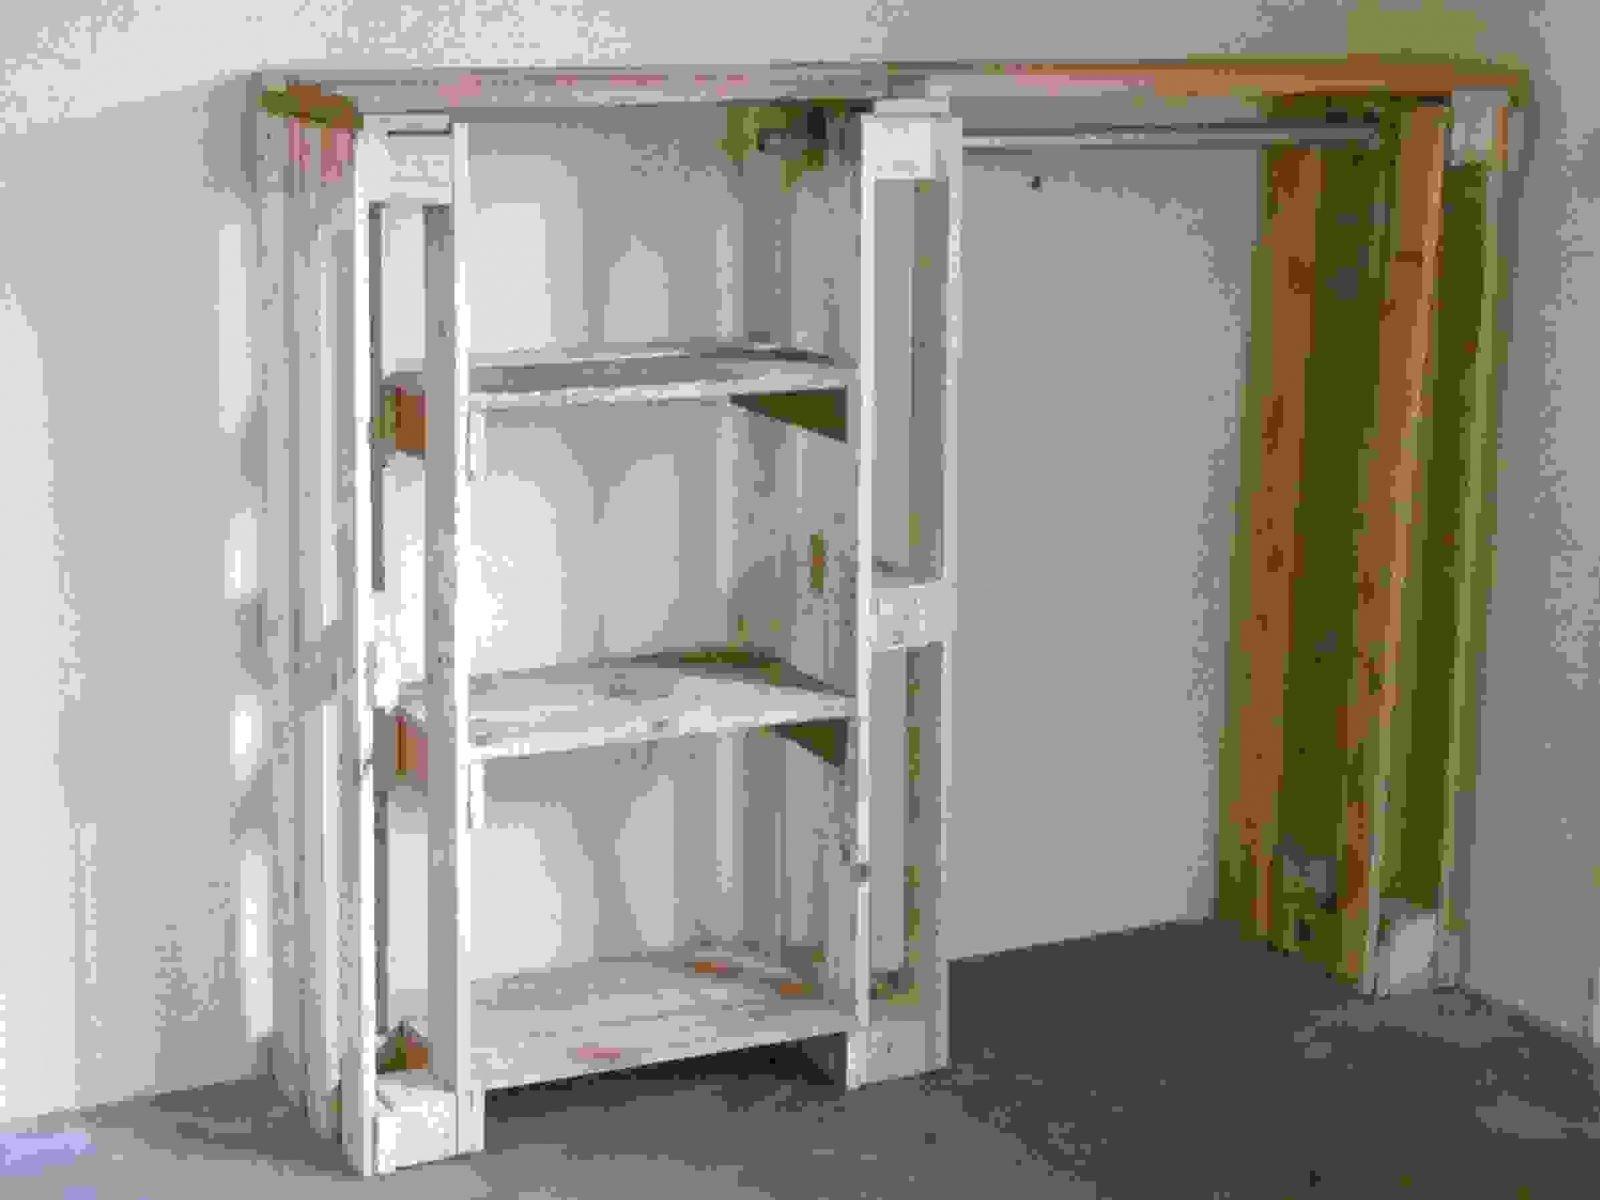 baum als garderobe garderobe baumstamm super design ideen baumstamm garderobe mit einem. Black Bedroom Furniture Sets. Home Design Ideas